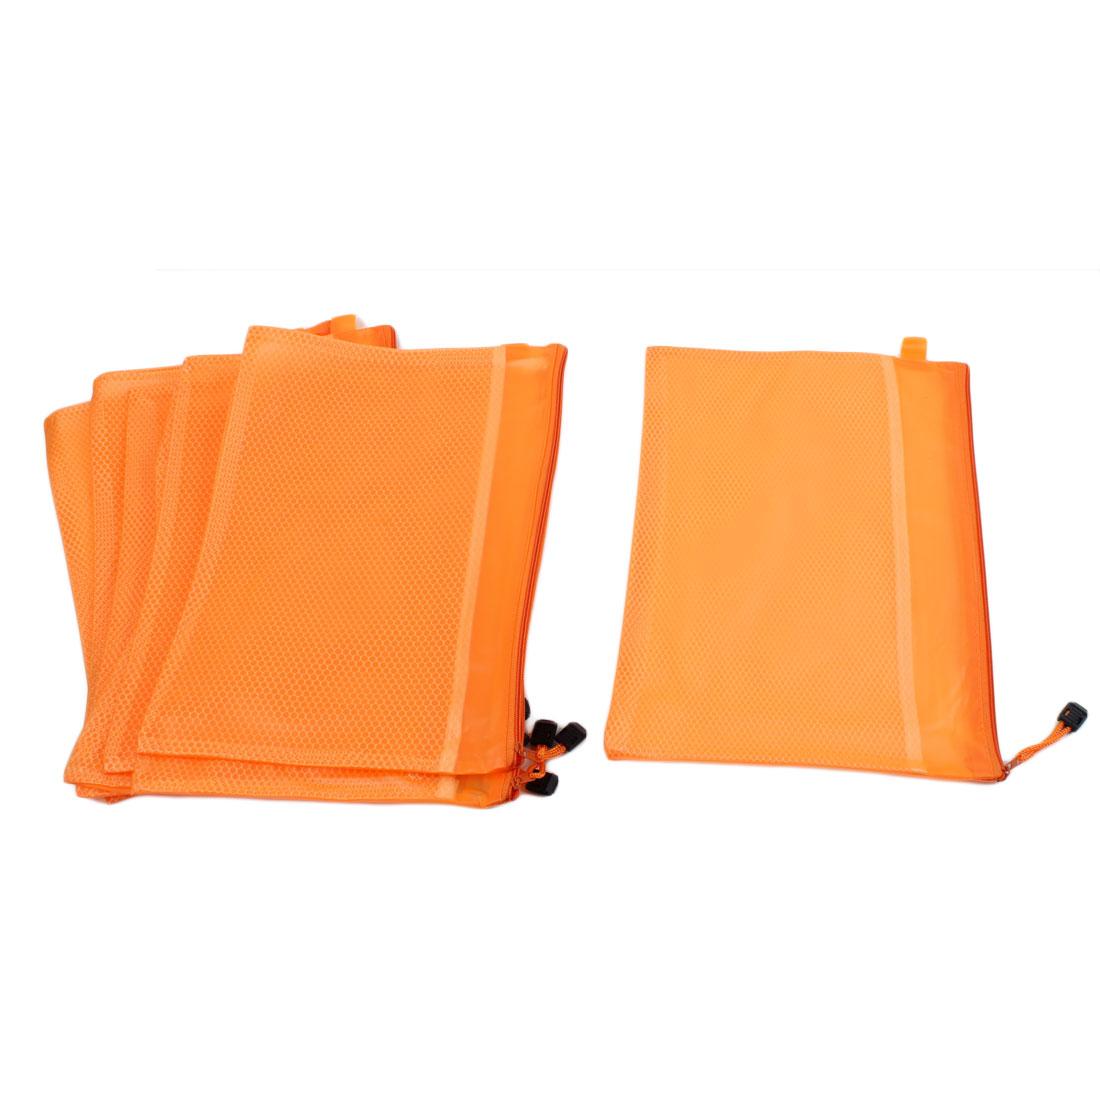 Office Zipper Closure 2 Compartments A4 Size Paper Document File Bag Orange 8pcs